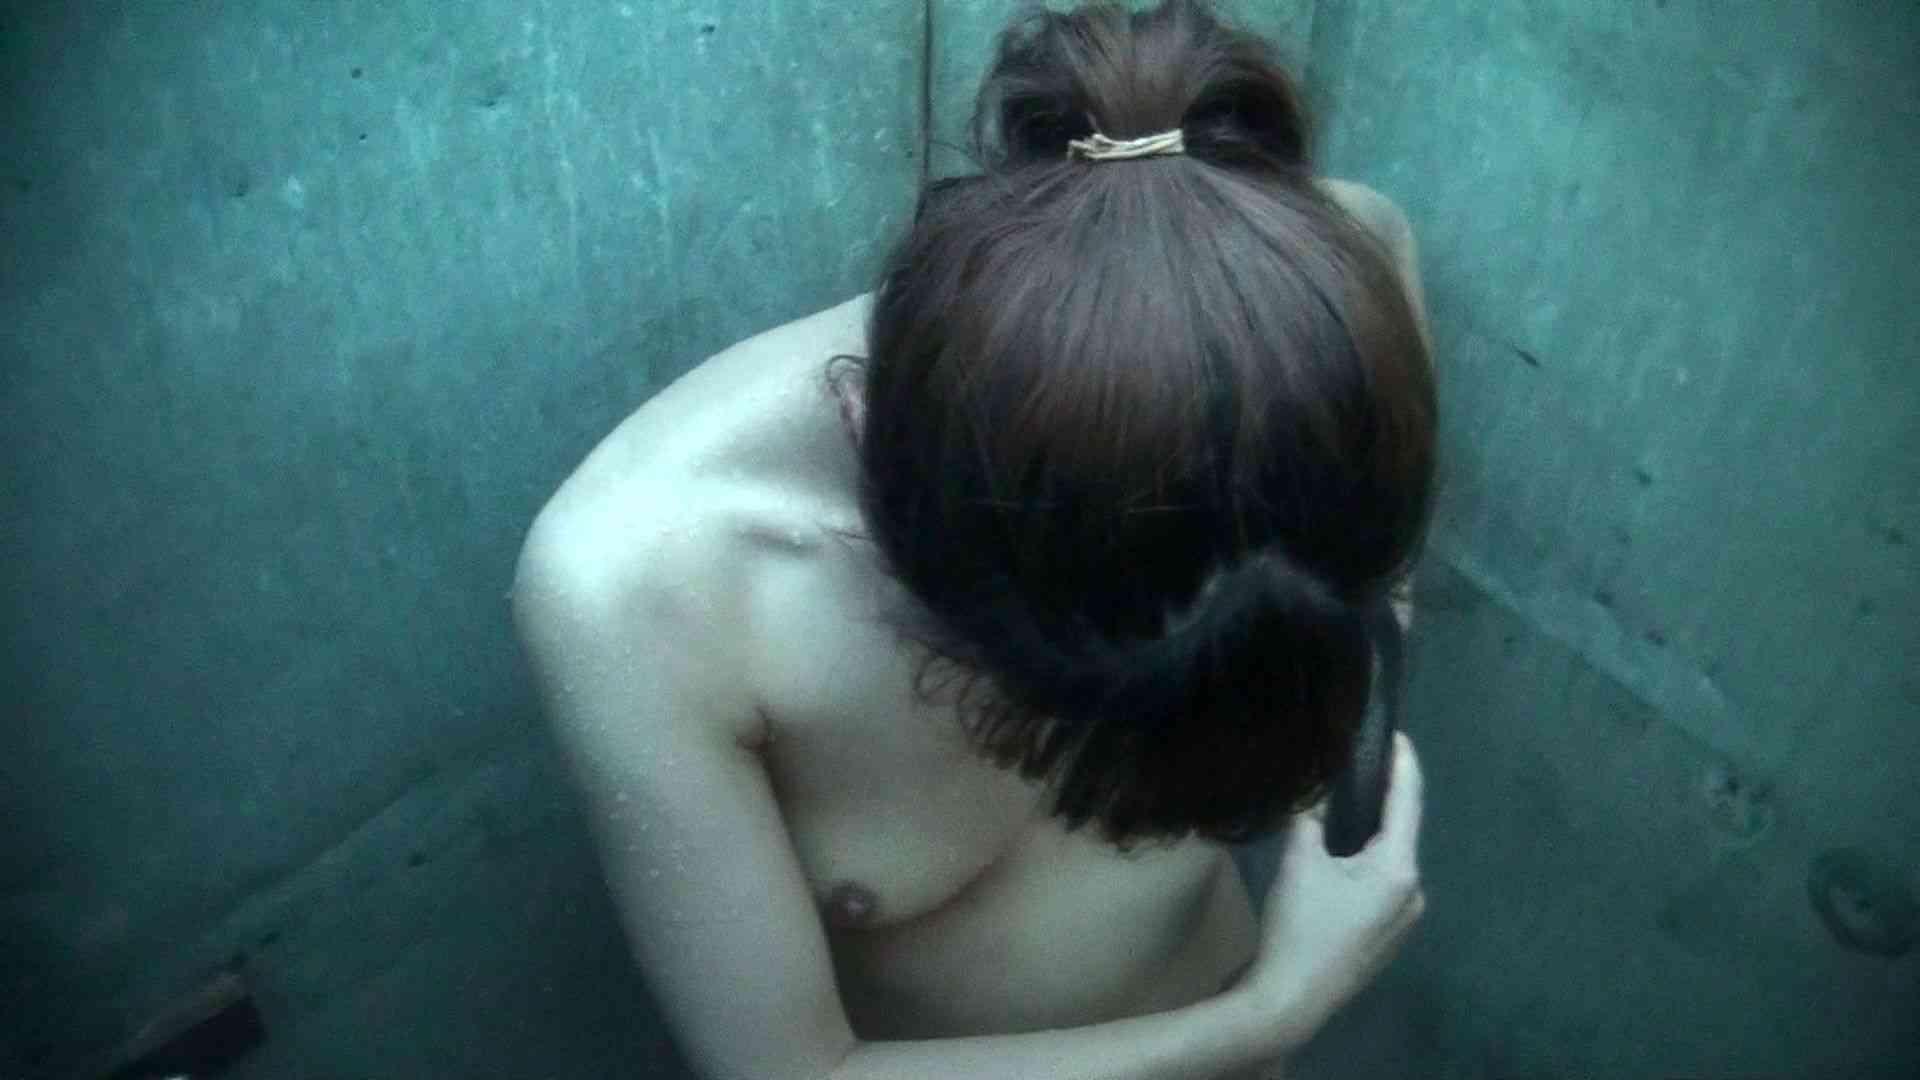 シャワールームは超!!危険な香りVol.30 甘栗剥いちゃいました 高画質モード  56画像 27